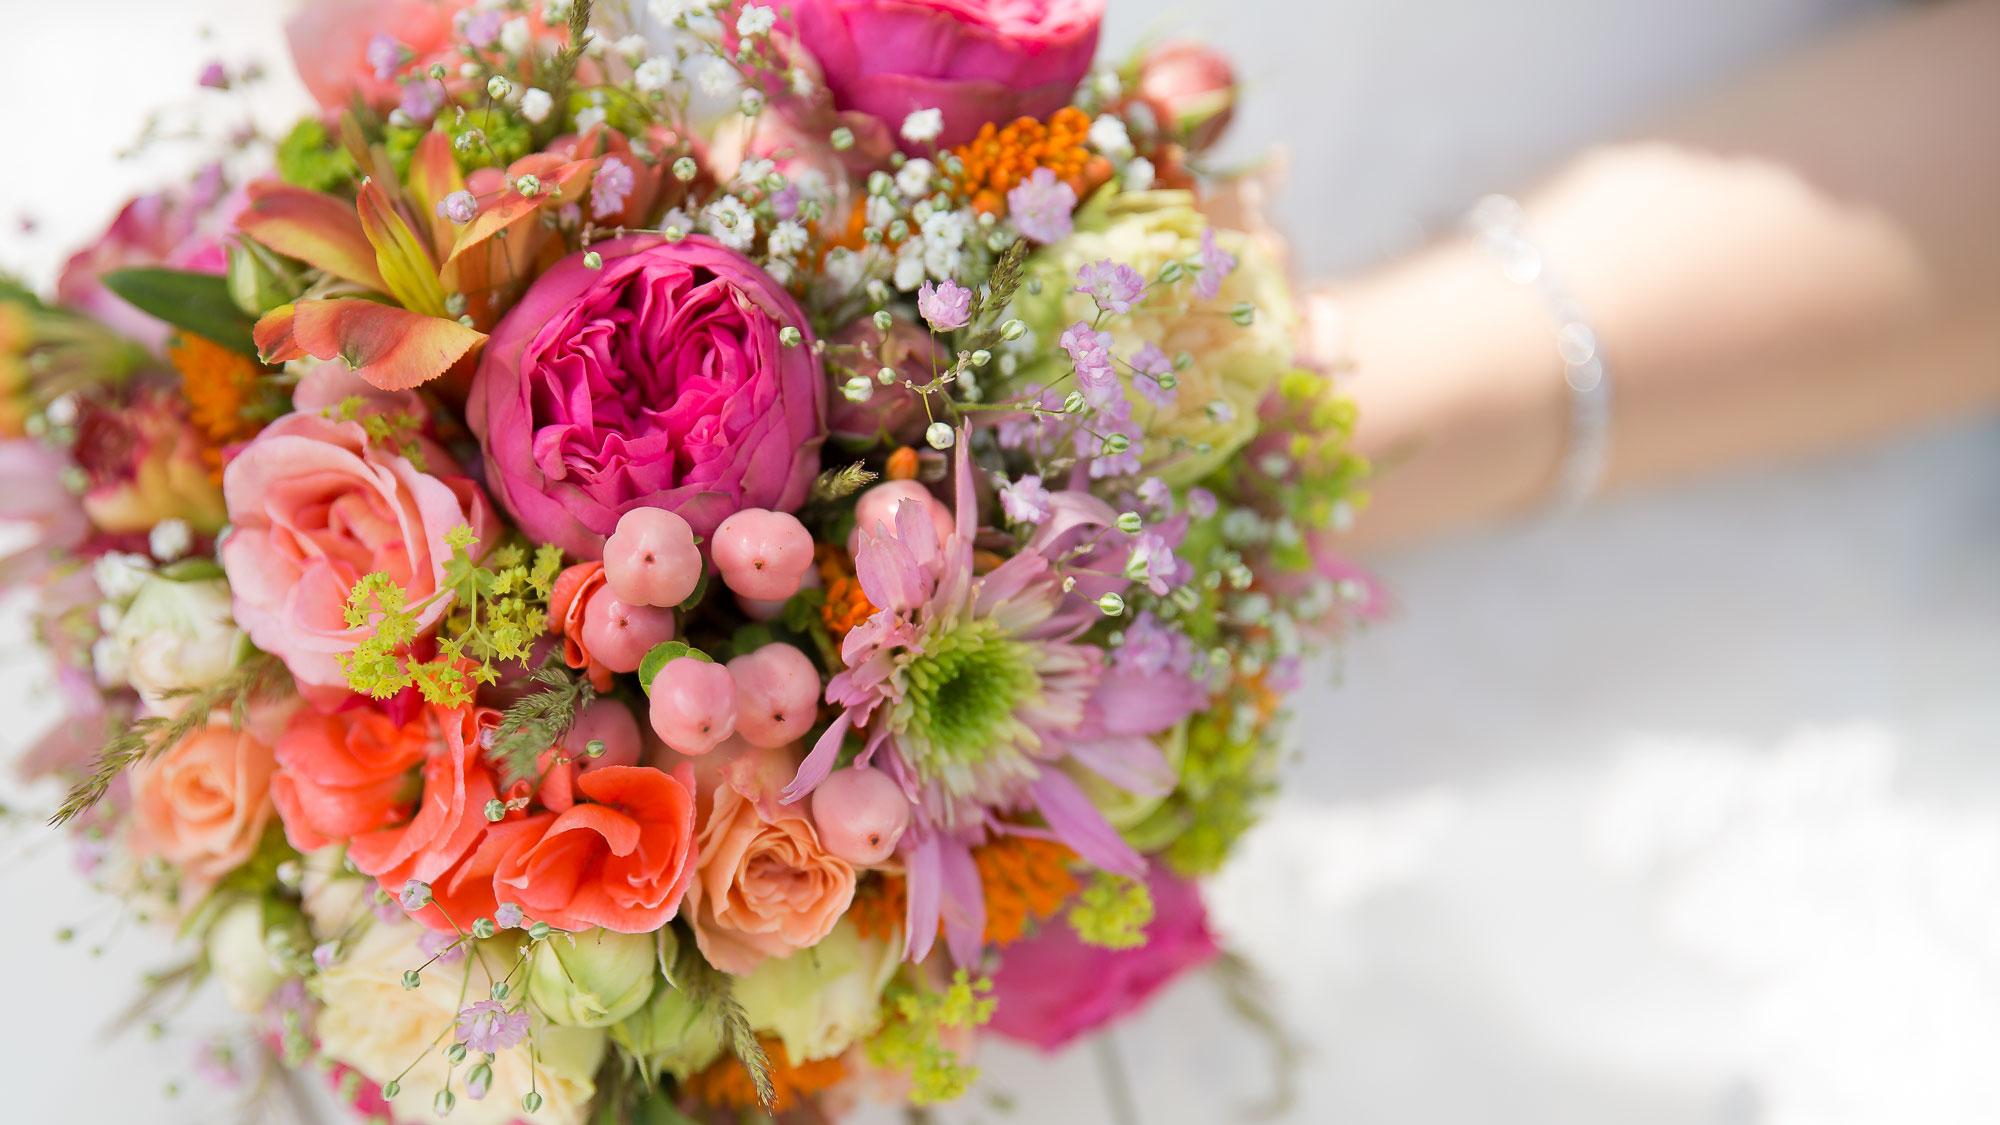 Ein wunderschöner, bunter Brautstrauß wird von der Braut gehalten.